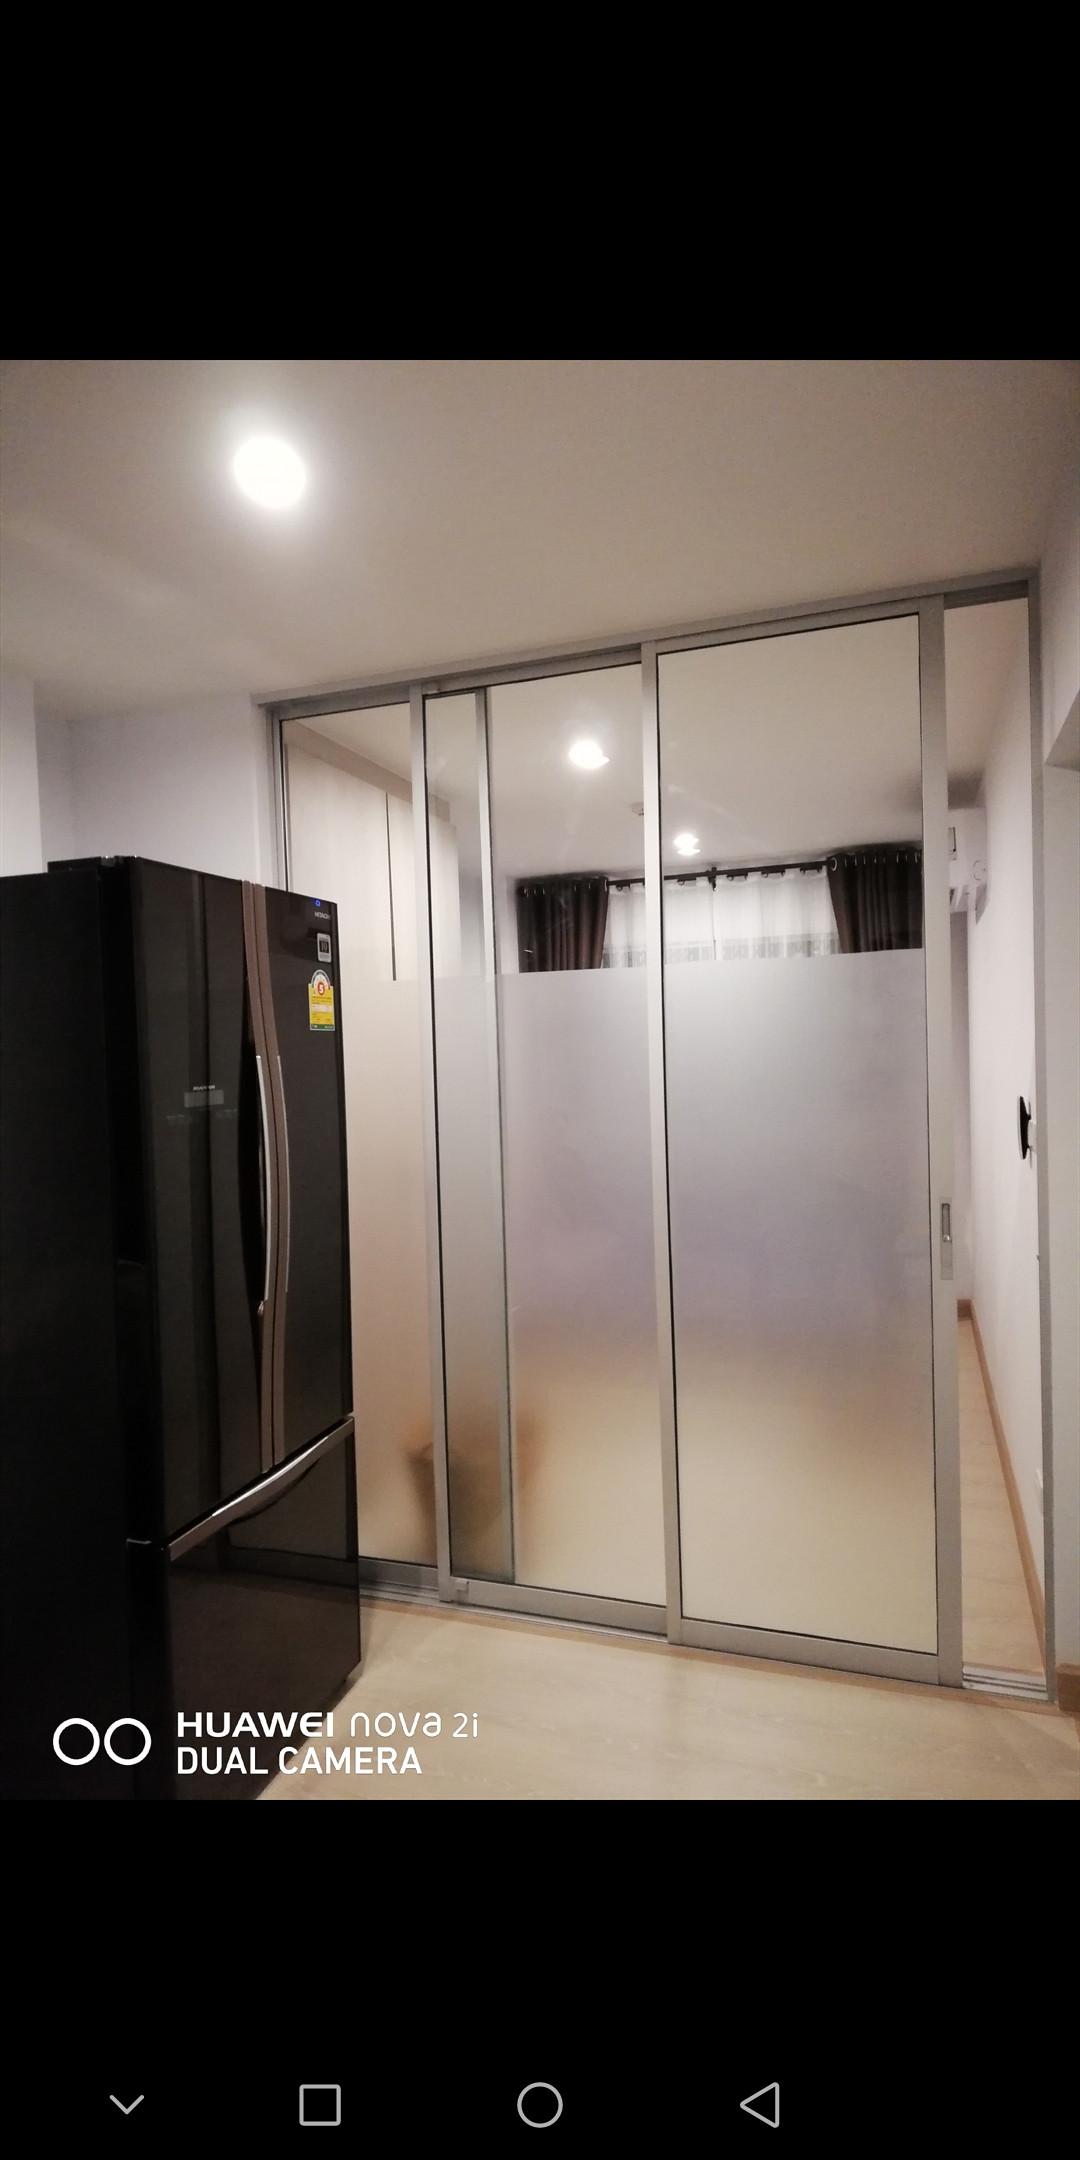 รูปของประกาศเช่าคอนโดเดอะ คิทท์ พลัส สุขุมวิท 113(1 ห้องนอน)(3)